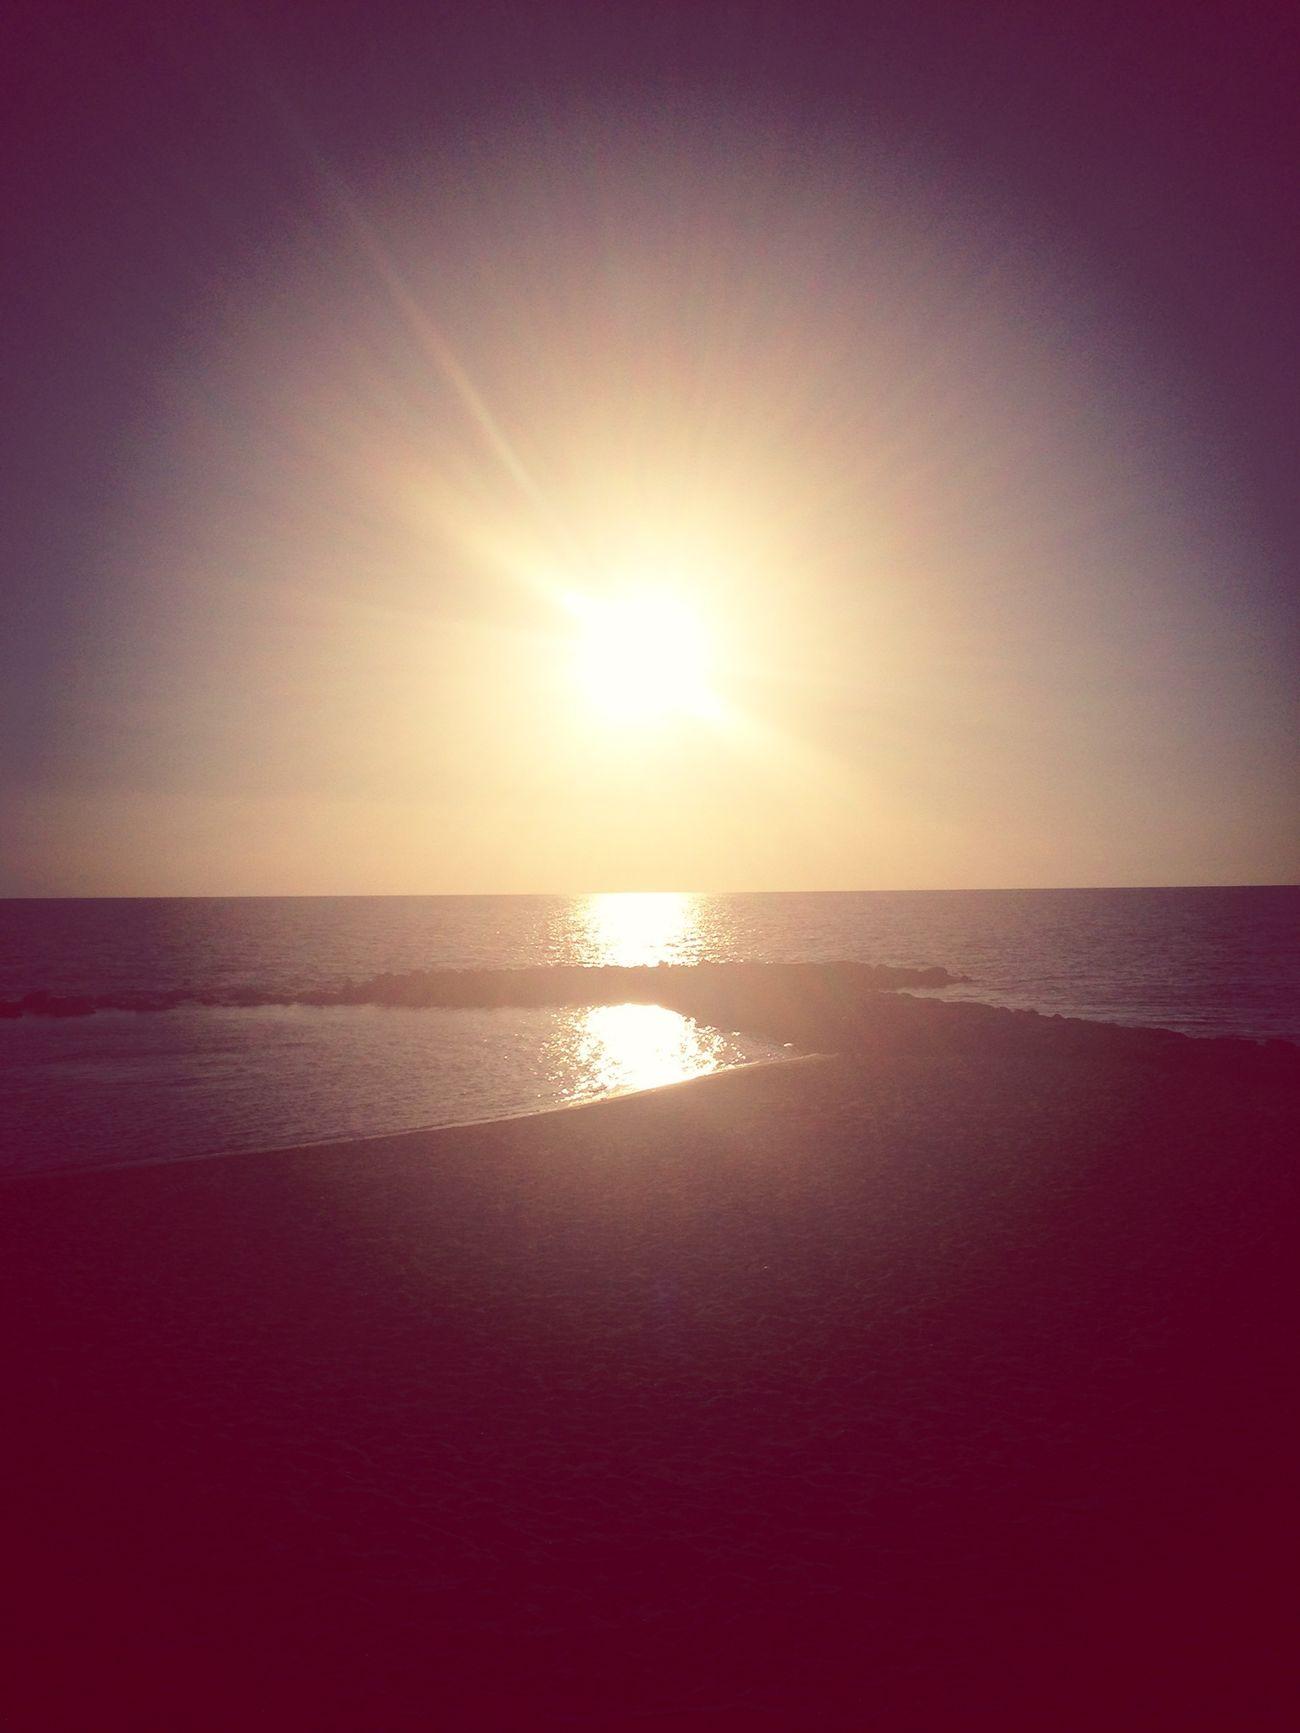 Il sole ovunque .... DEVE !!!